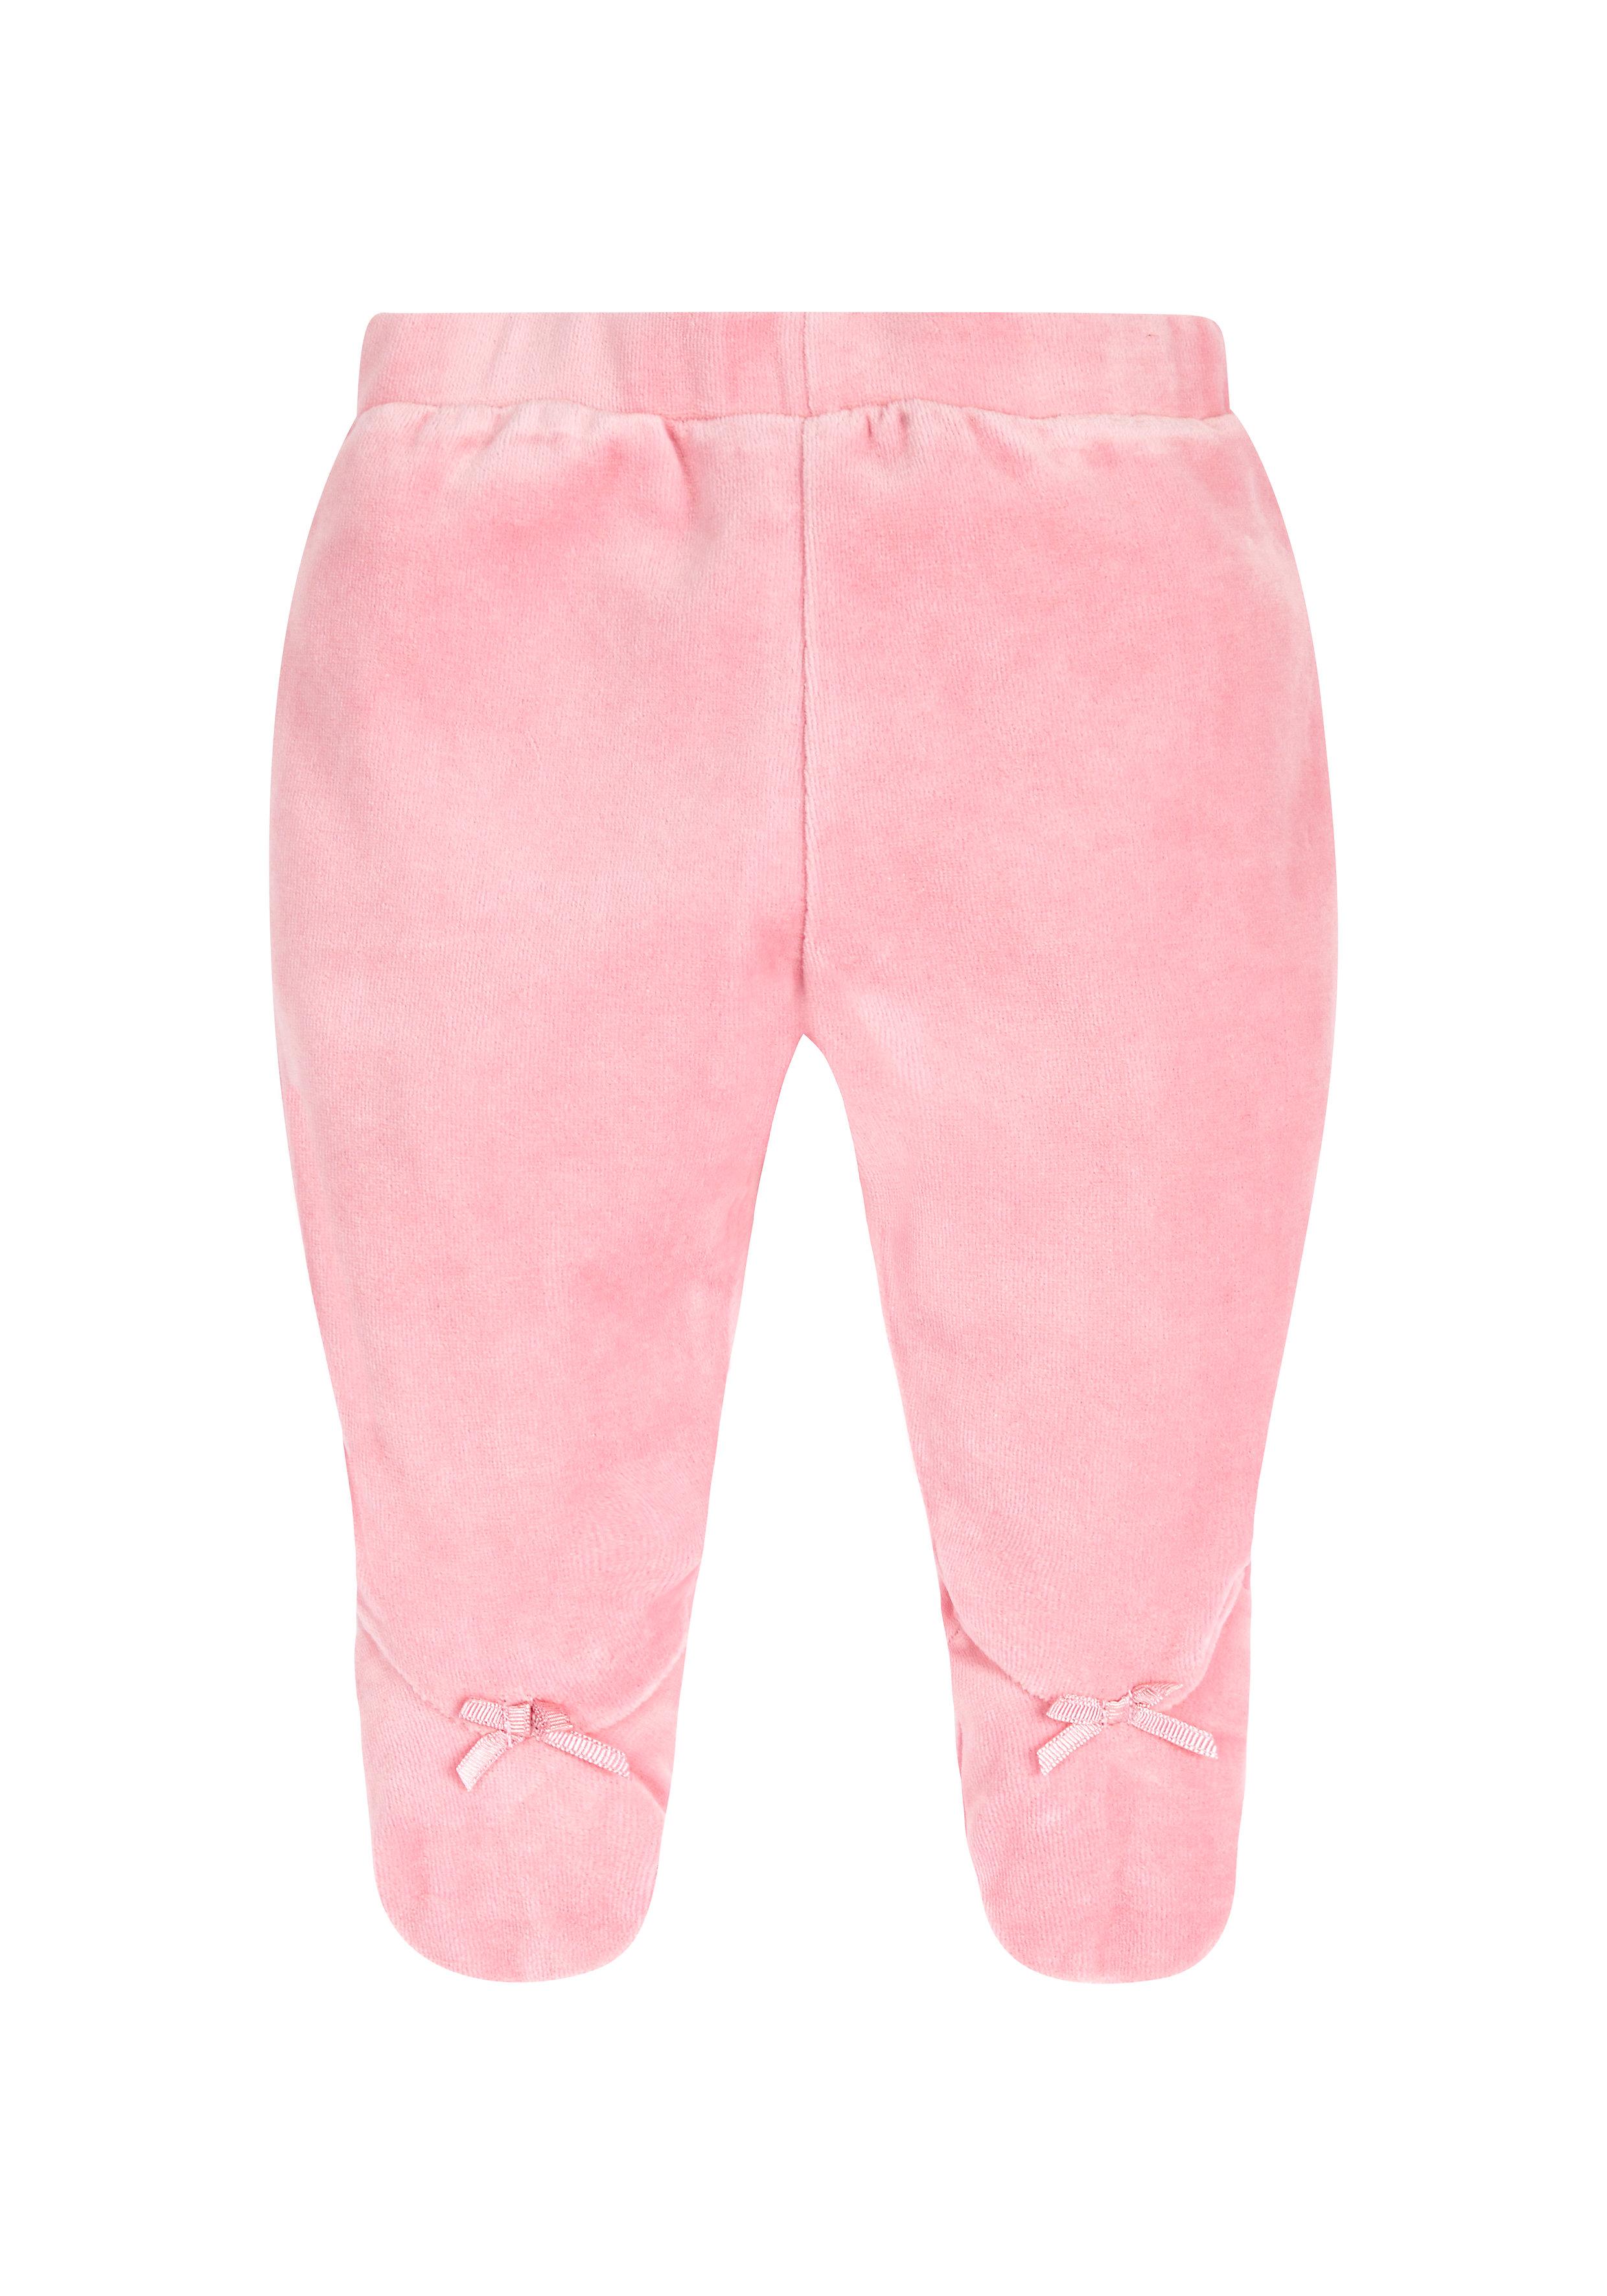 Mothercare | Girls Velour Leggings Bow Detail - Pink